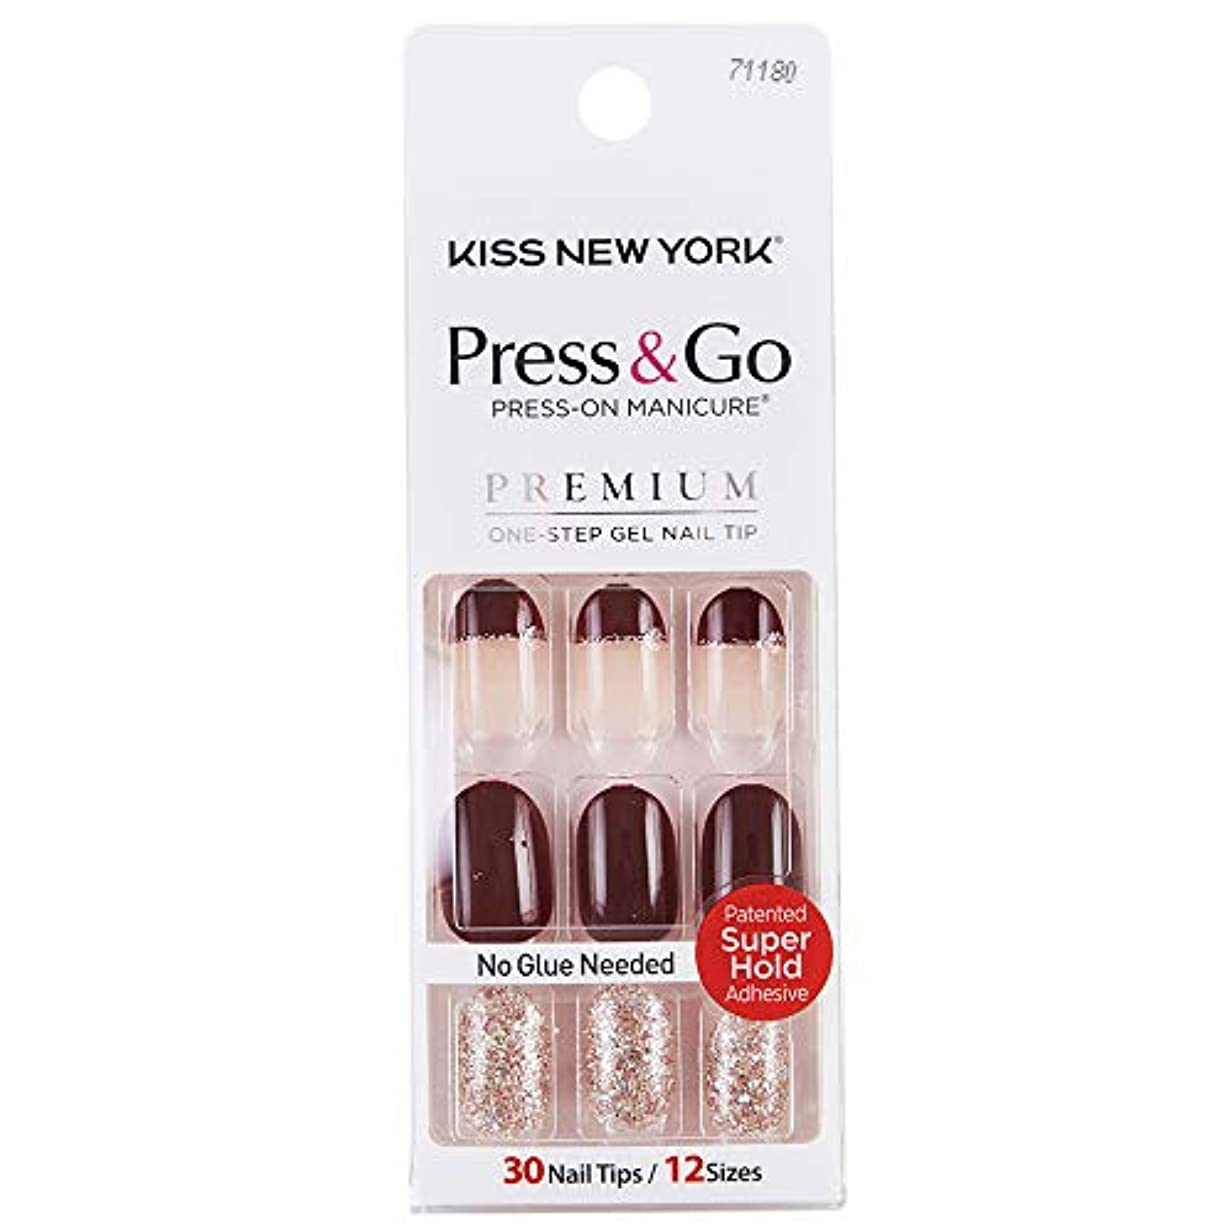 ユーモラス振動させるカビキスニューヨーク (KISS NEW YORK) KISS NEWYORK ネイルチップPress&Go BHJ29J 19g